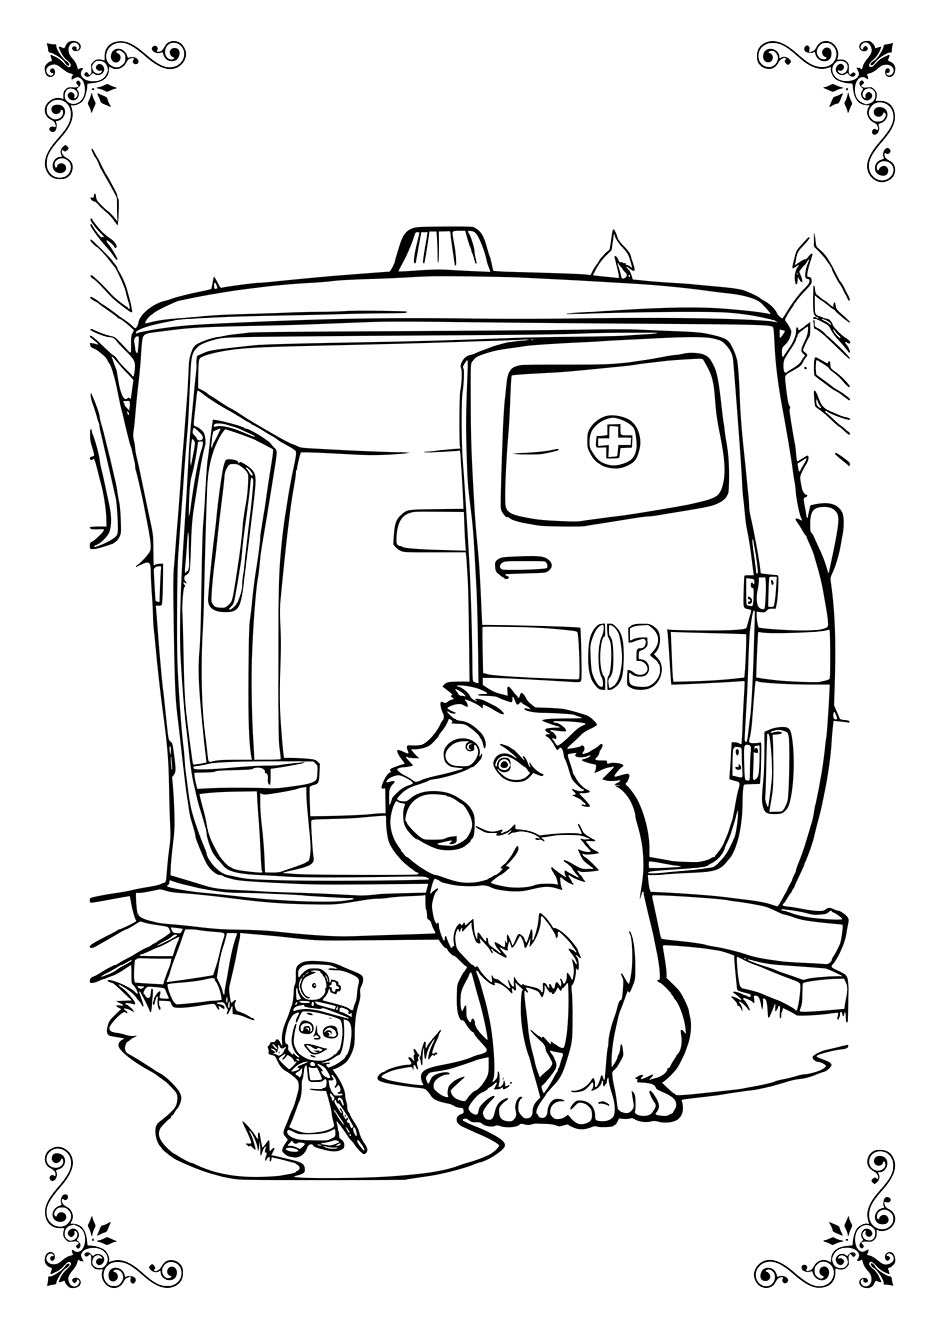 Раскраска: Маша, Волк и скорая помощь — raskraski-a4.ru